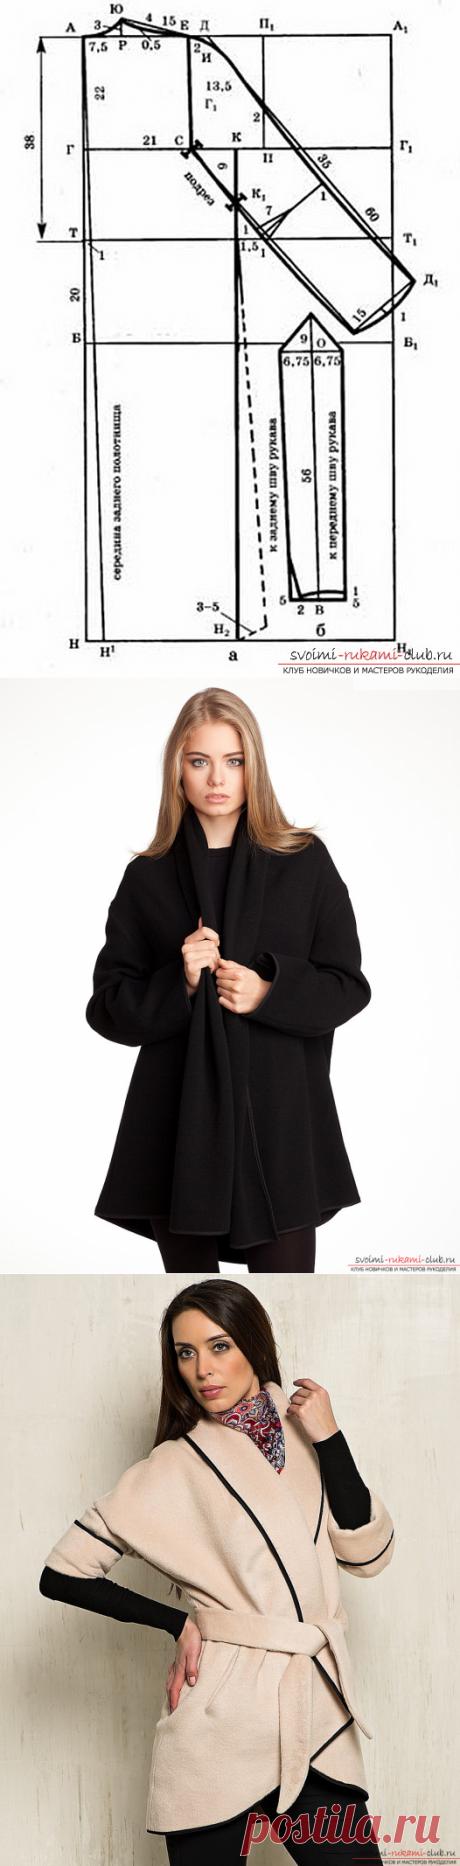 Como coser el abrigo a la moda con tselnokroenymi por las mangas por las manos. El patrón del abrigo con la instrucción de la costura